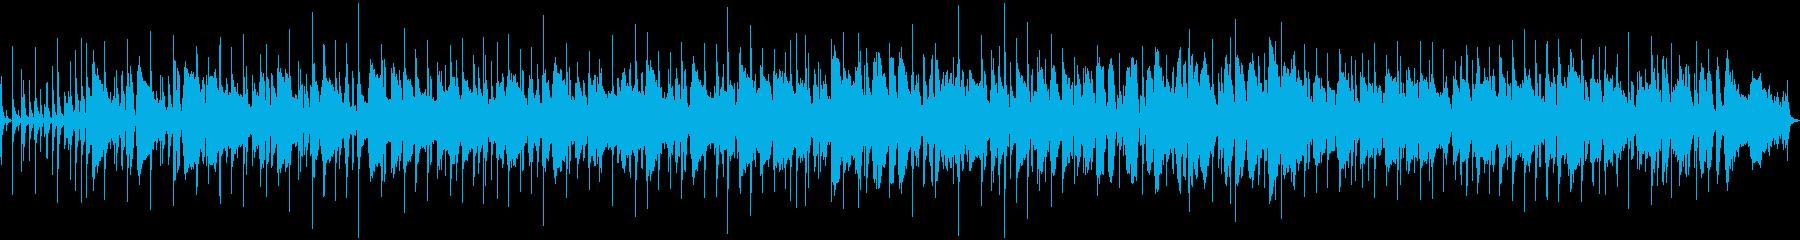 管楽器メインのポップなサウンド!の再生済みの波形